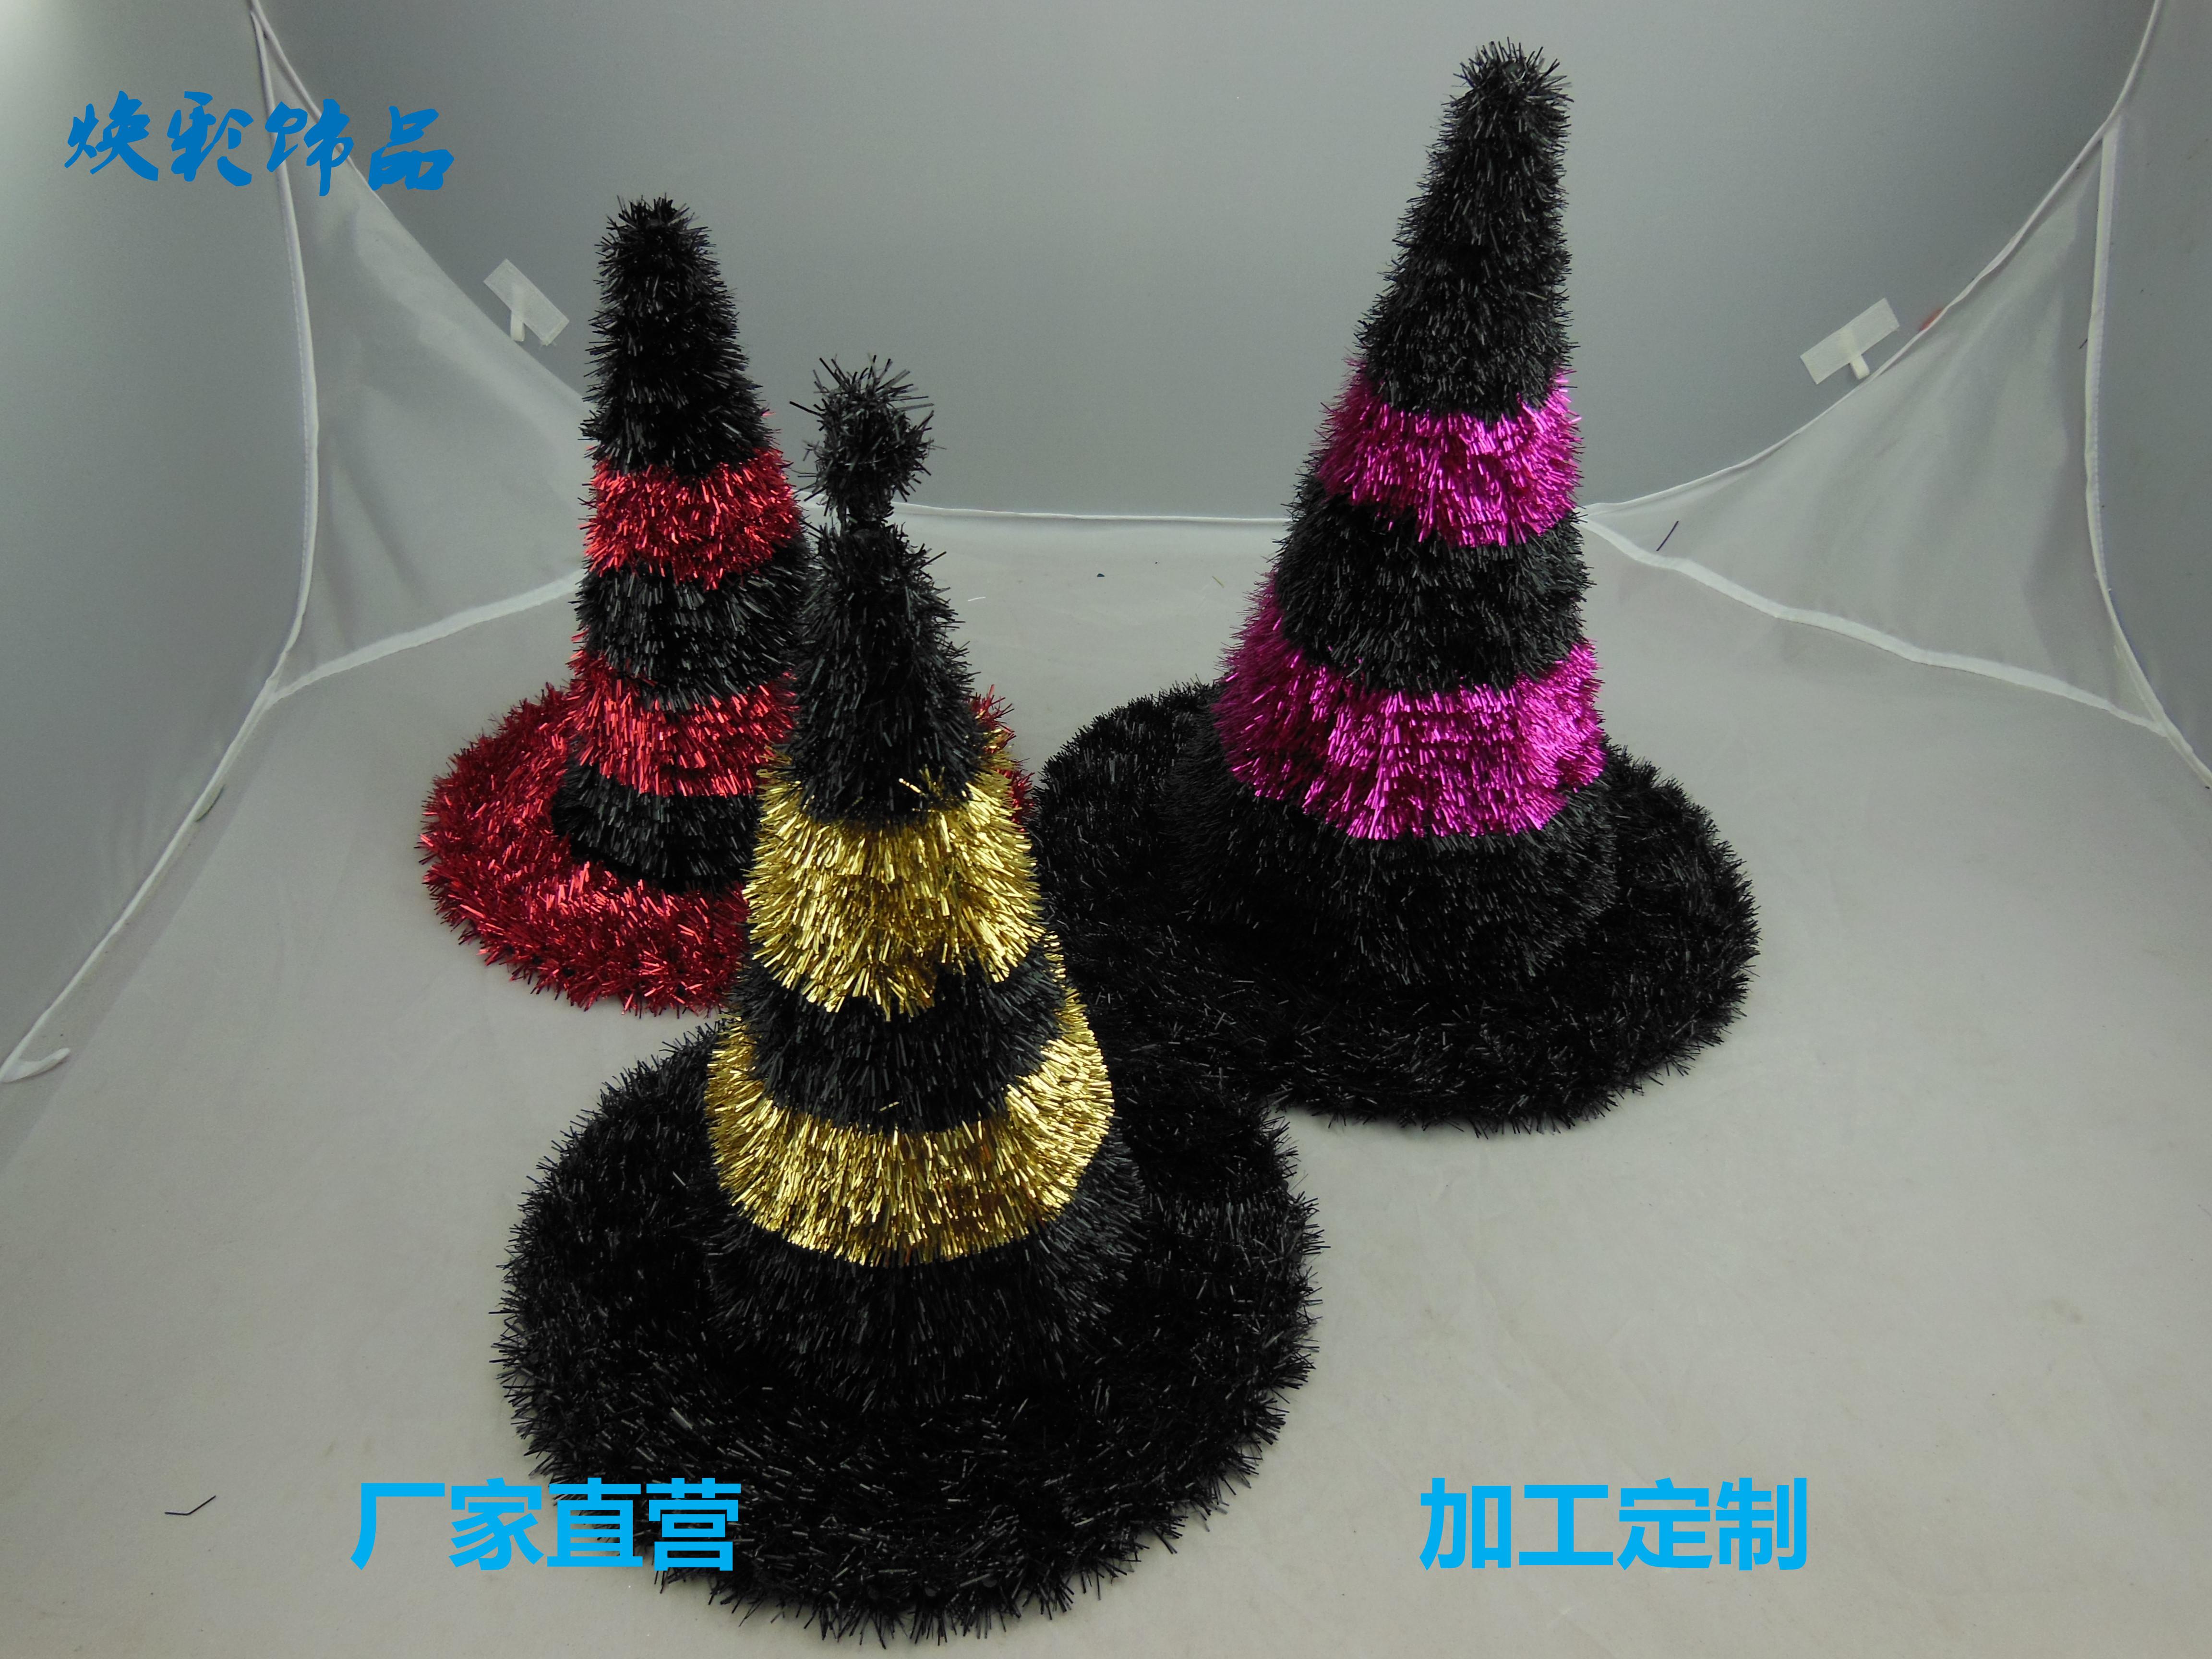 圣诞装饰品圣诞帽圣诞彩条场景装饰挂件节日派对-闪光圣诞帽报价 厂家图片